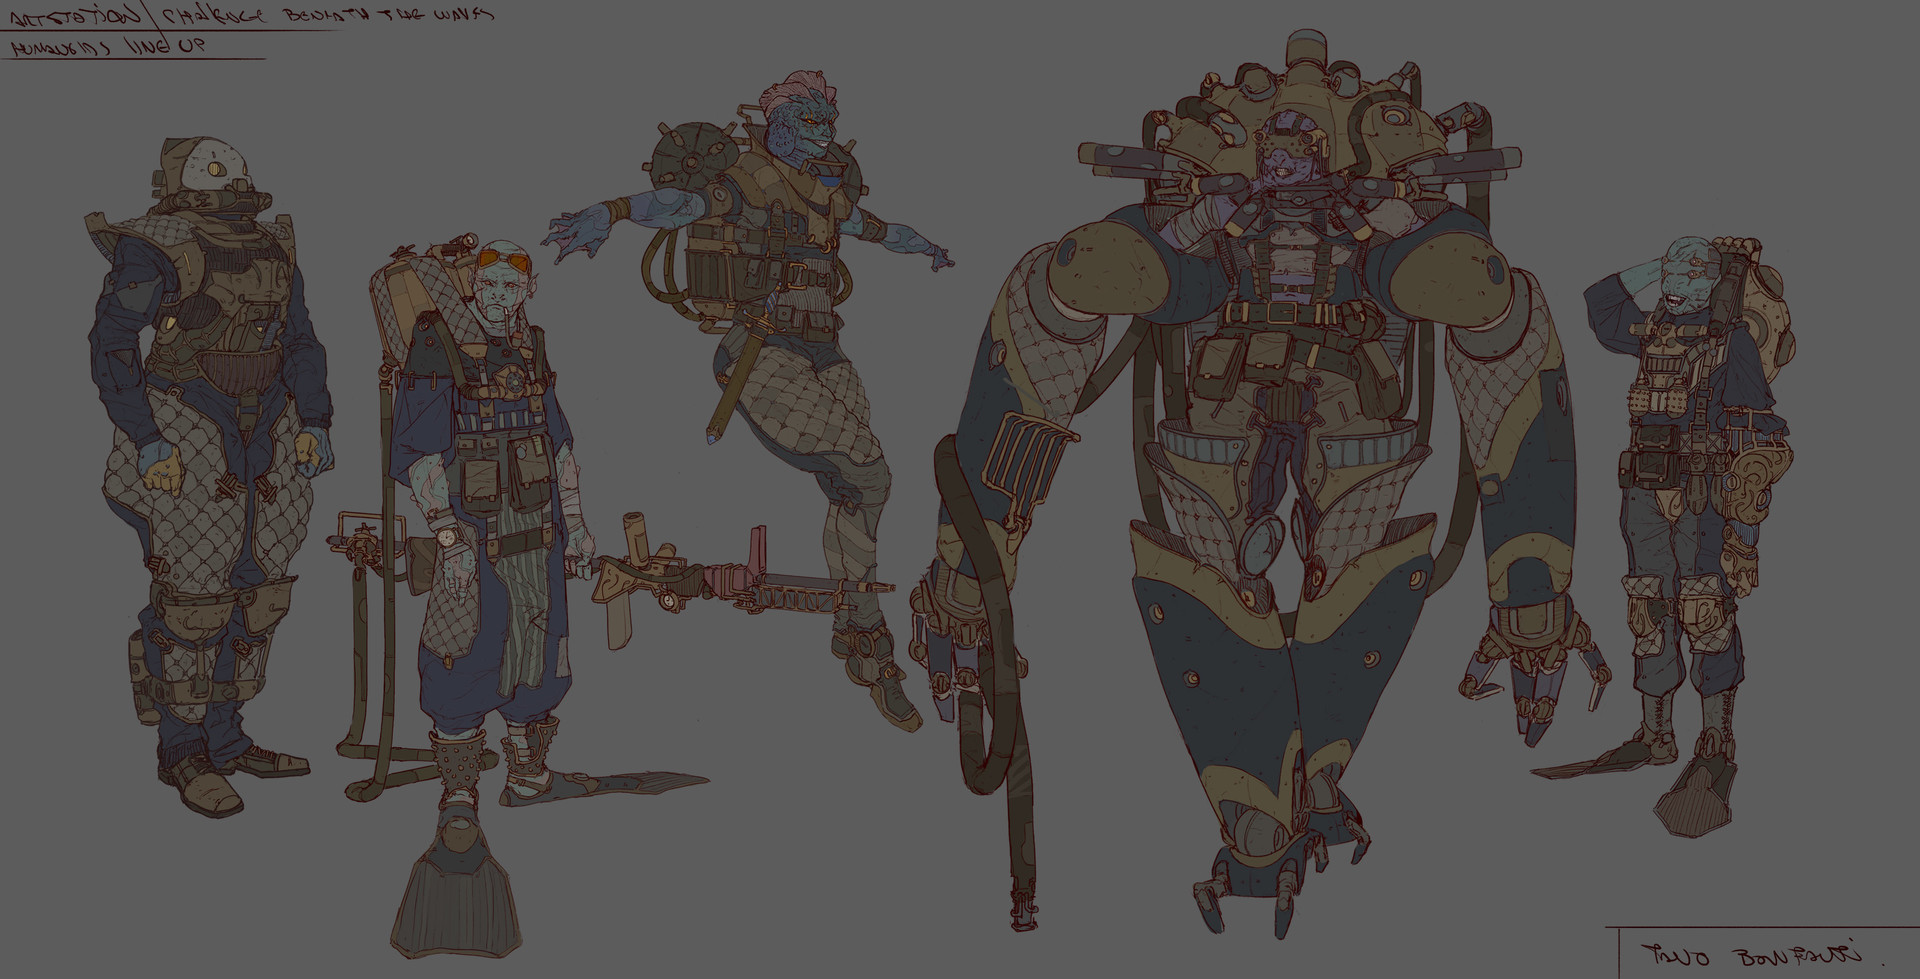 Tano bonfanti line up test humanoids2